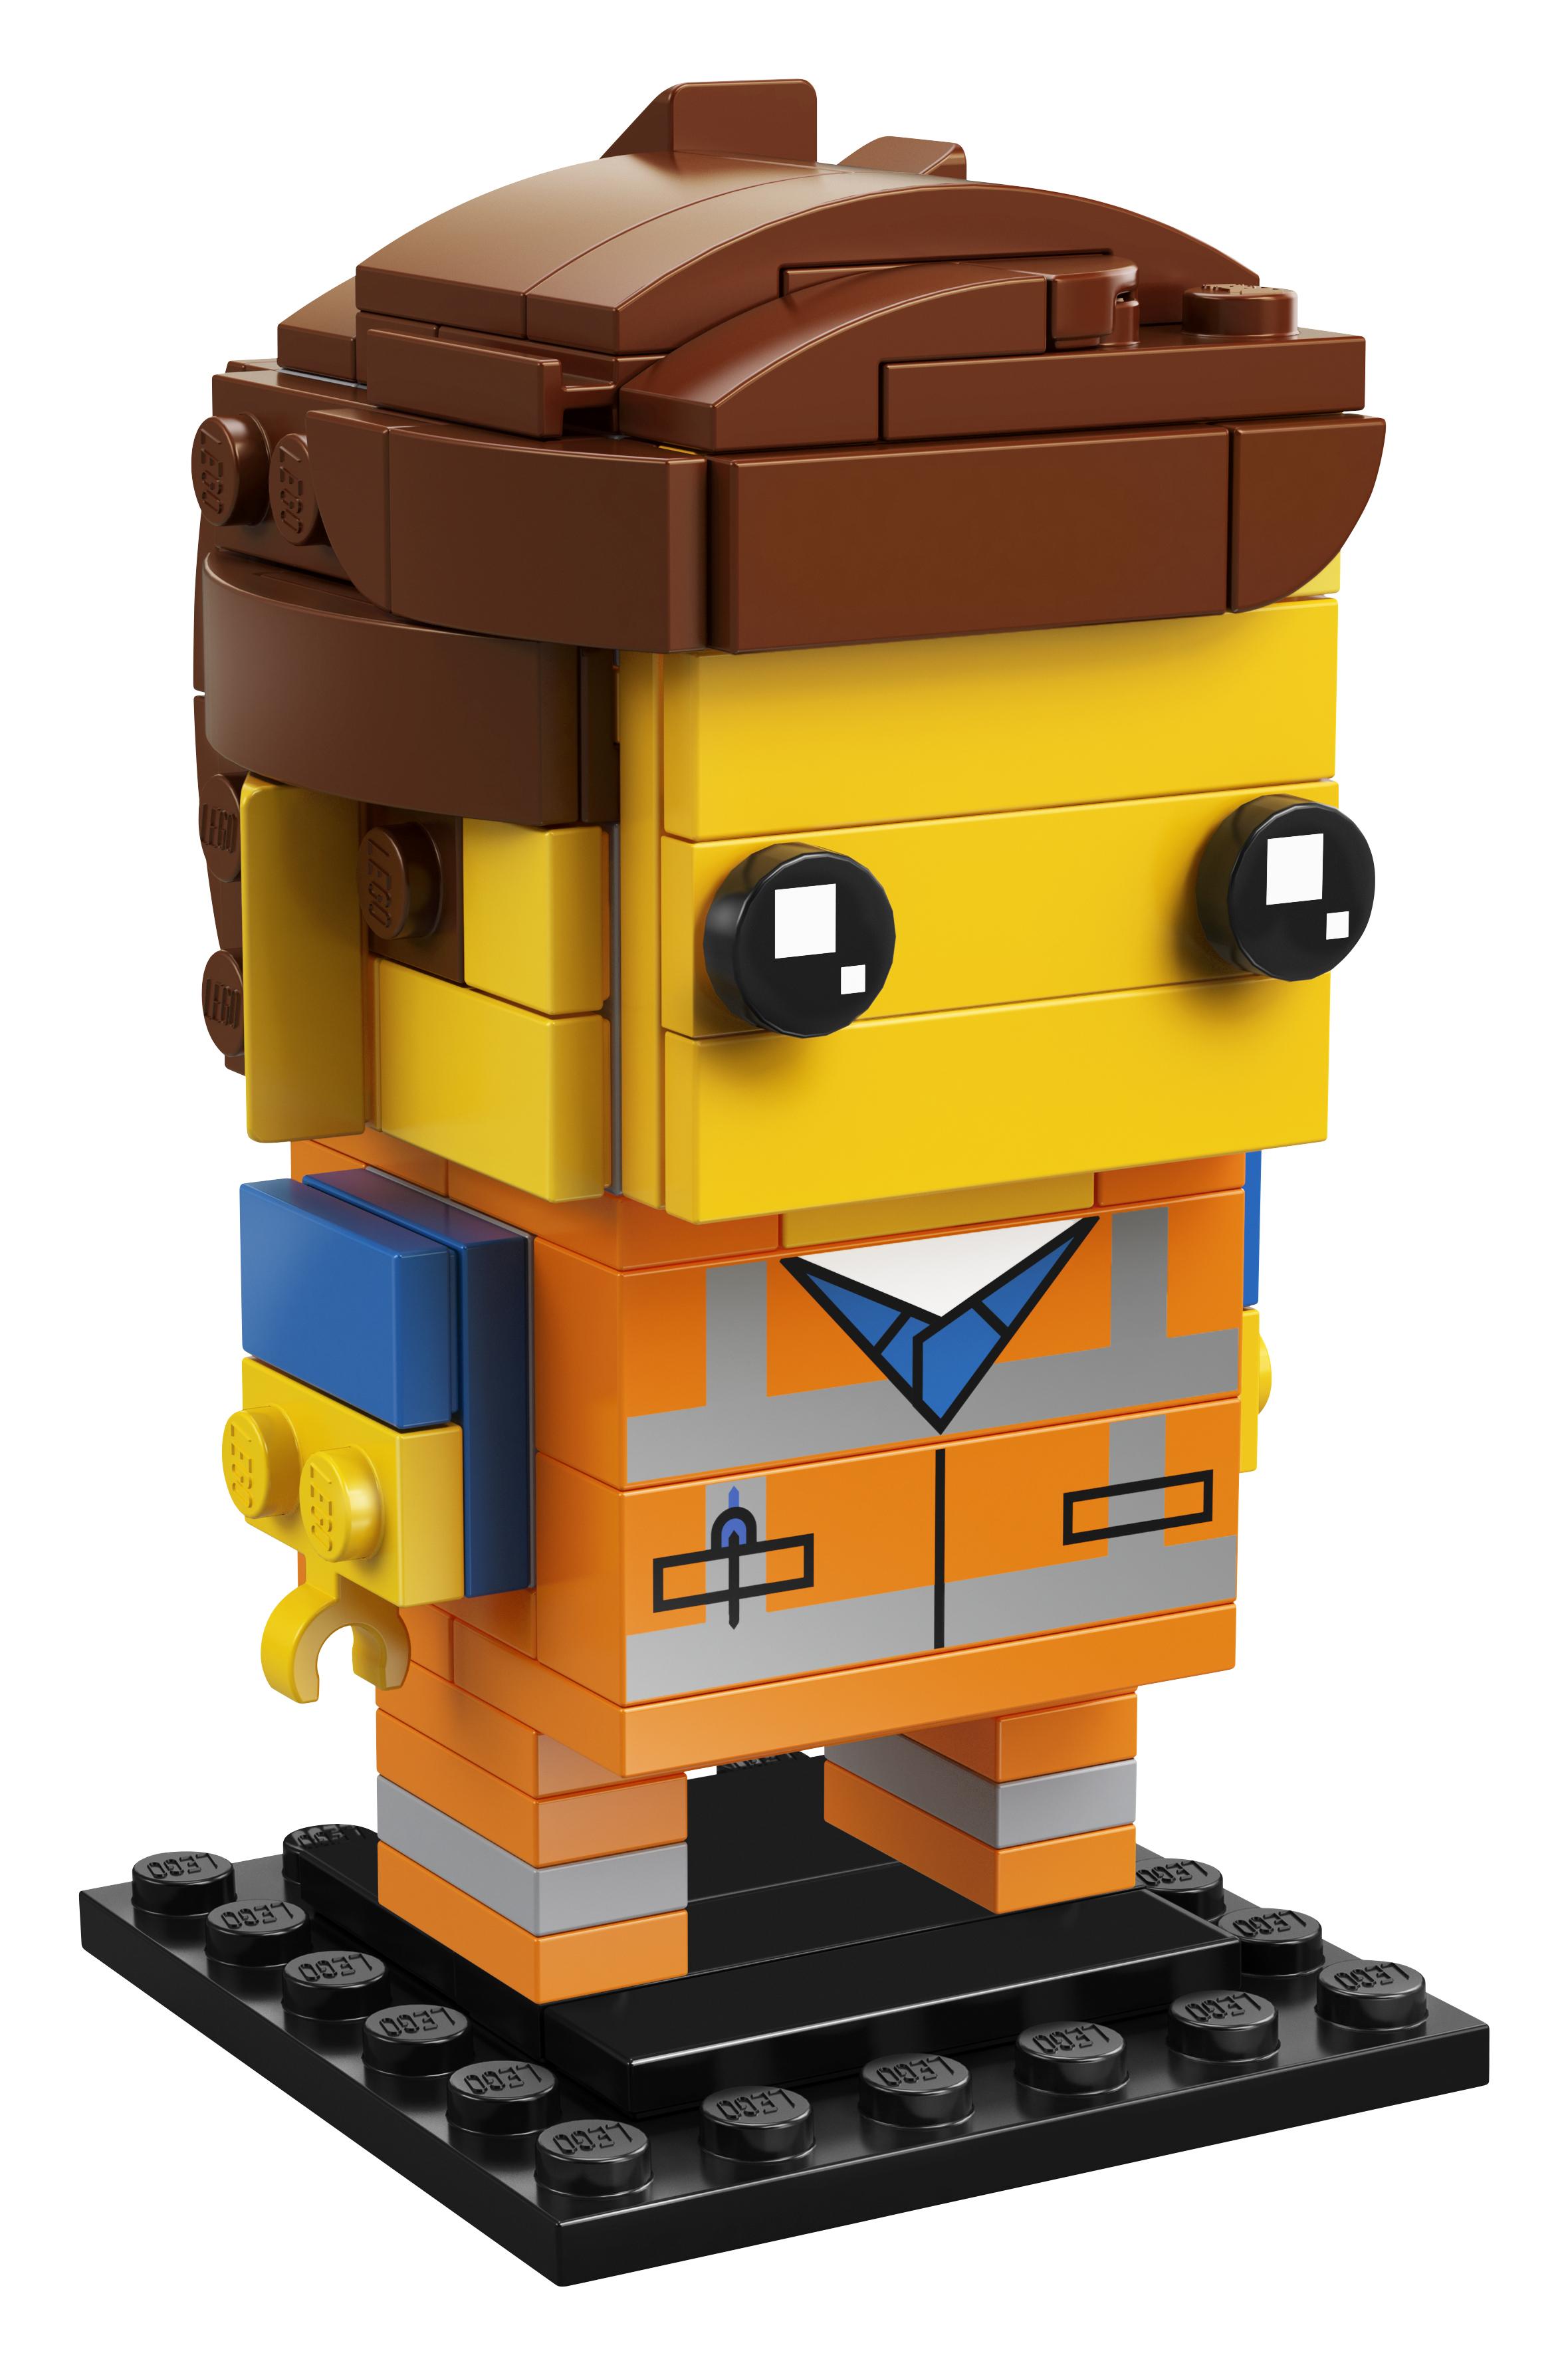 LEGO Emmet 41634 – Walmart.com Exclusive 02